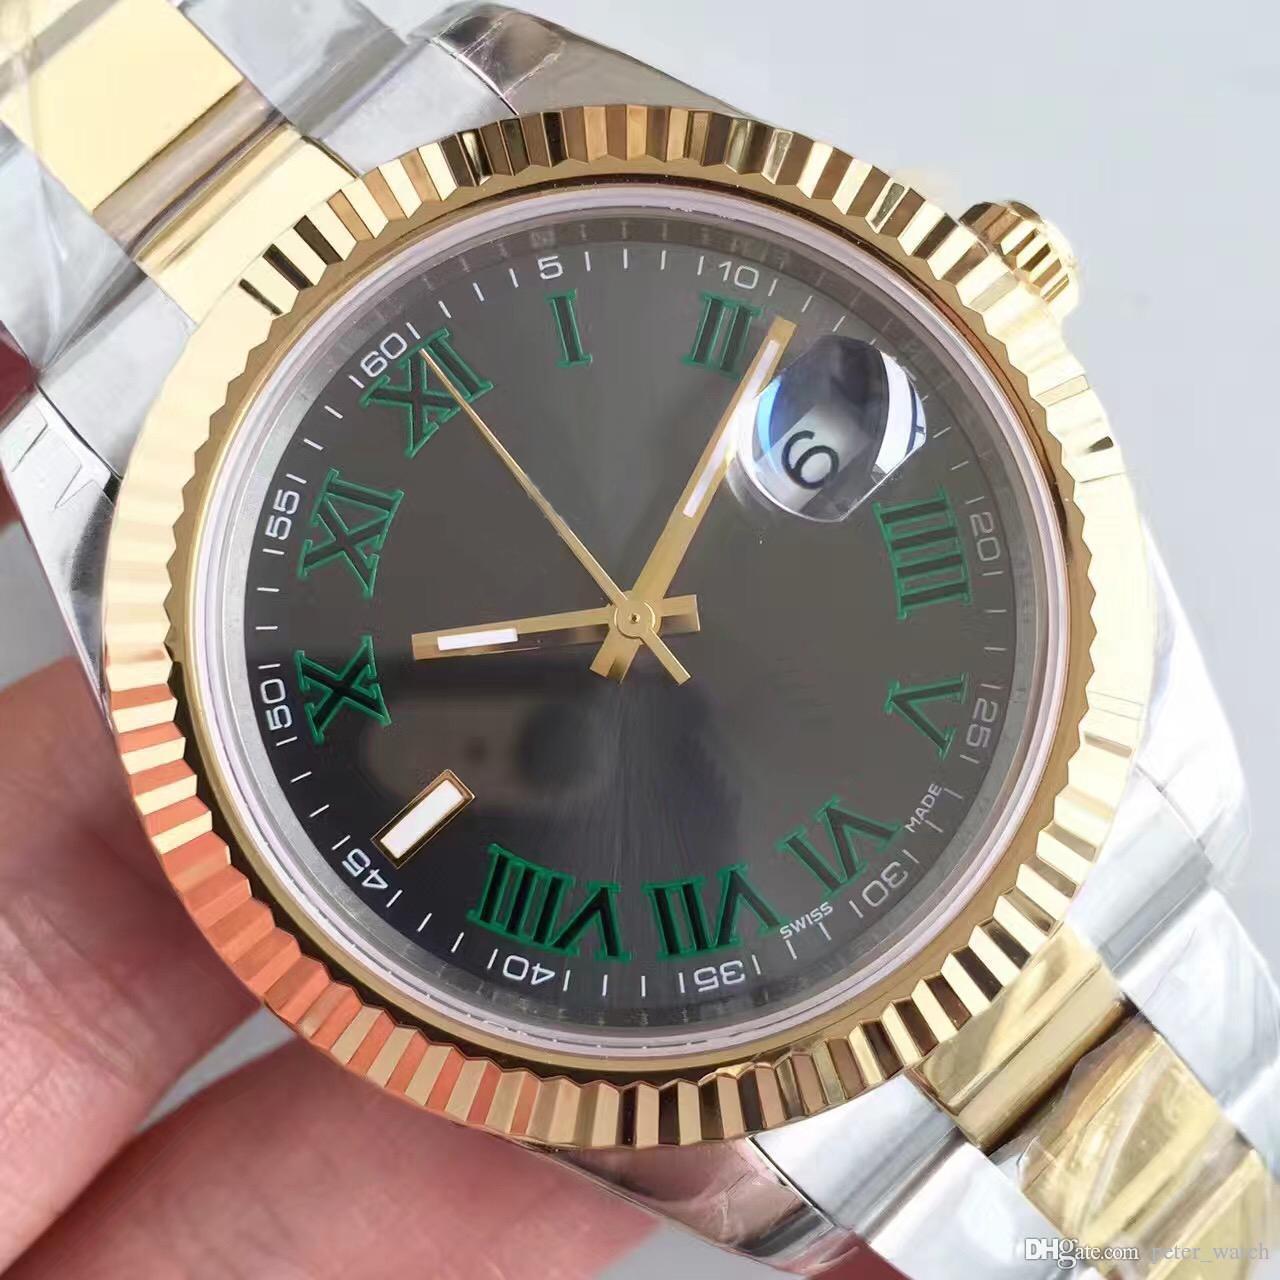 العلامة التجارية الأعلى التلقائي 2813 ساعات ميكانيكية الرجال datejust 41 ملليمتر الفولاذ المقاوم للصدأ الياقوت الزجاج الصلبة المشبك الرئيس رجل رمادي ساعة اليد ذكر